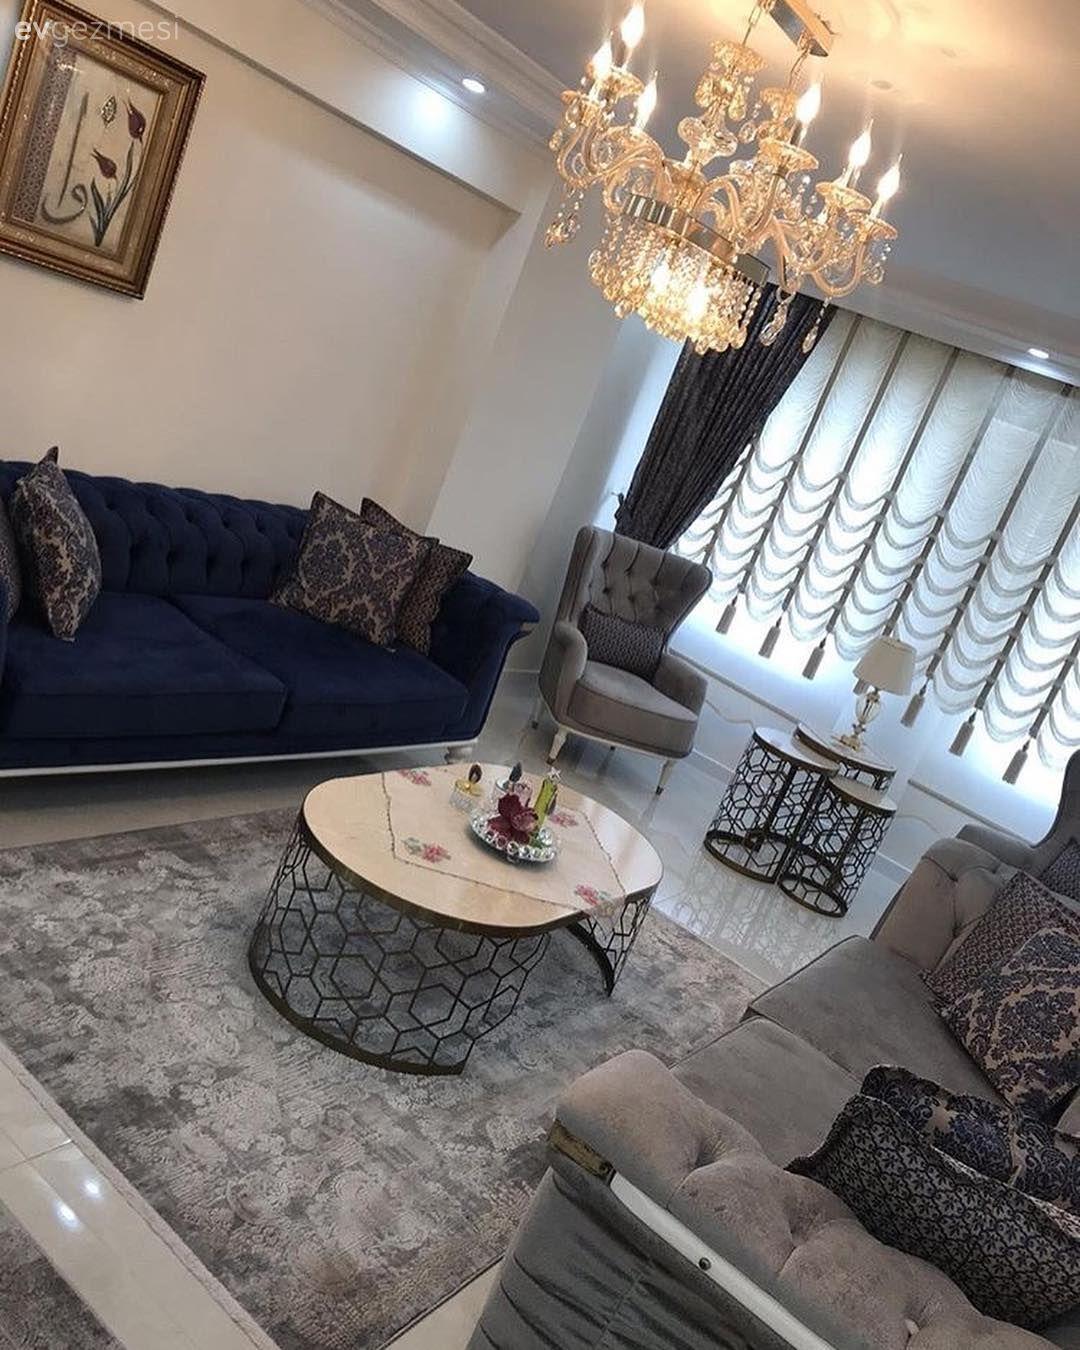 Bu Salon Simetrik Yerlesimi Sik Detaylariyla Goz Dolduruyor Ev Gezmesi Oturma Odasi Takimlari Oturma Odasi Dekorasyonu Ev Icin